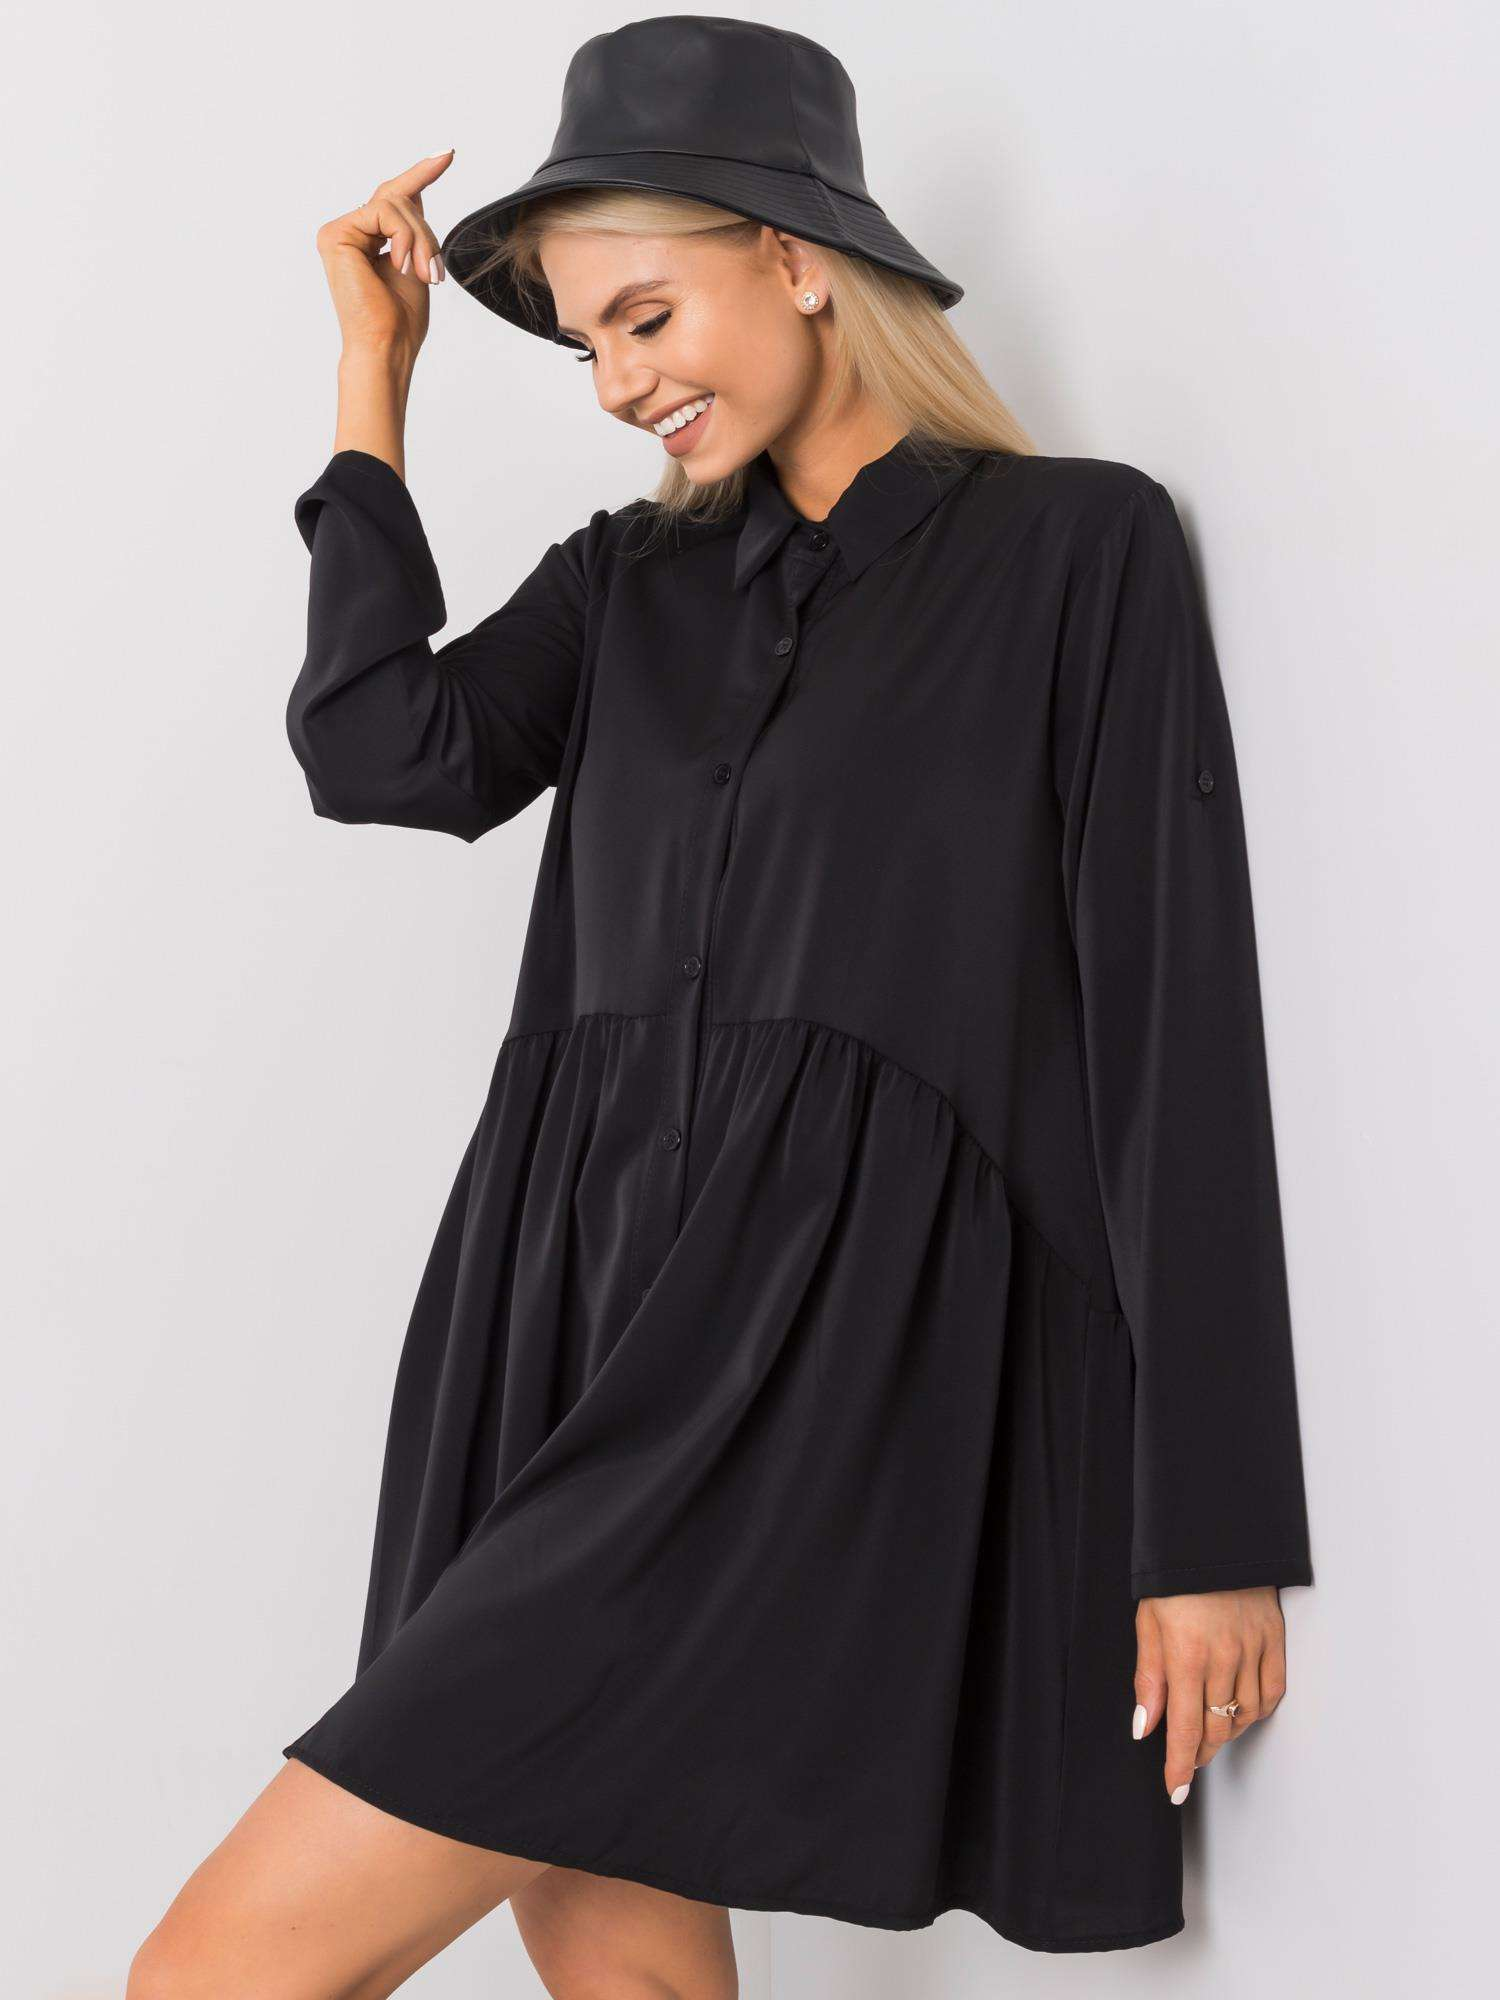 Minikleid in Schwarz mit verspieltem Look Seitenansicht